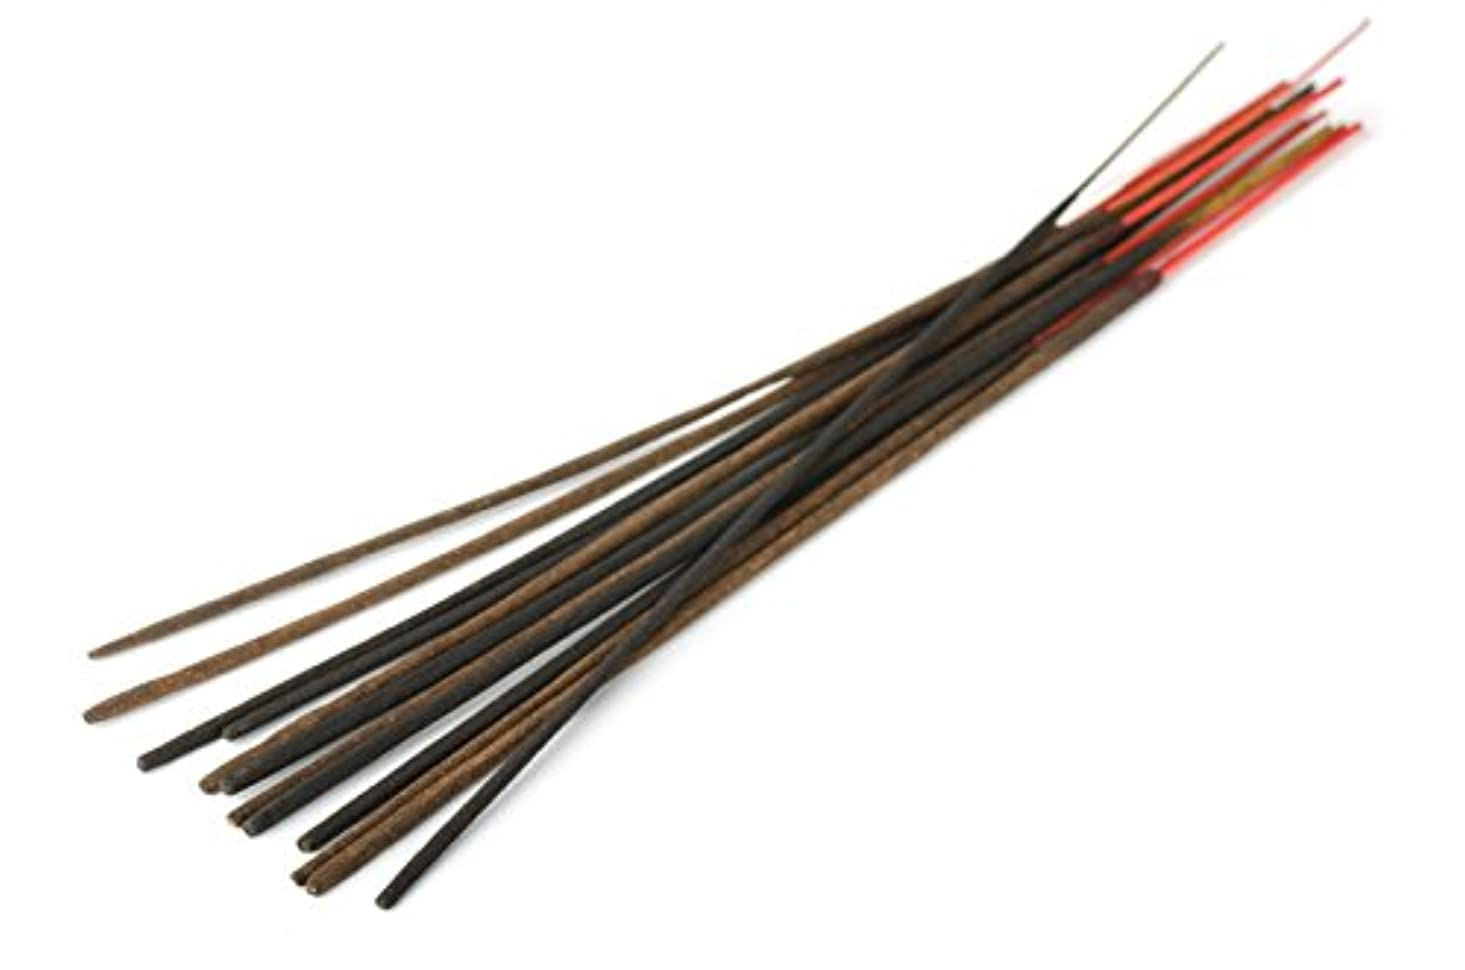 小屋持続する安西プレミアムハンドメイドチョコレートチップクッキーIncense Stickバンドル – 90 to 100 Sticks Perバンドル – 各スティックは11.5インチ、には滑らかなクリーンBurn